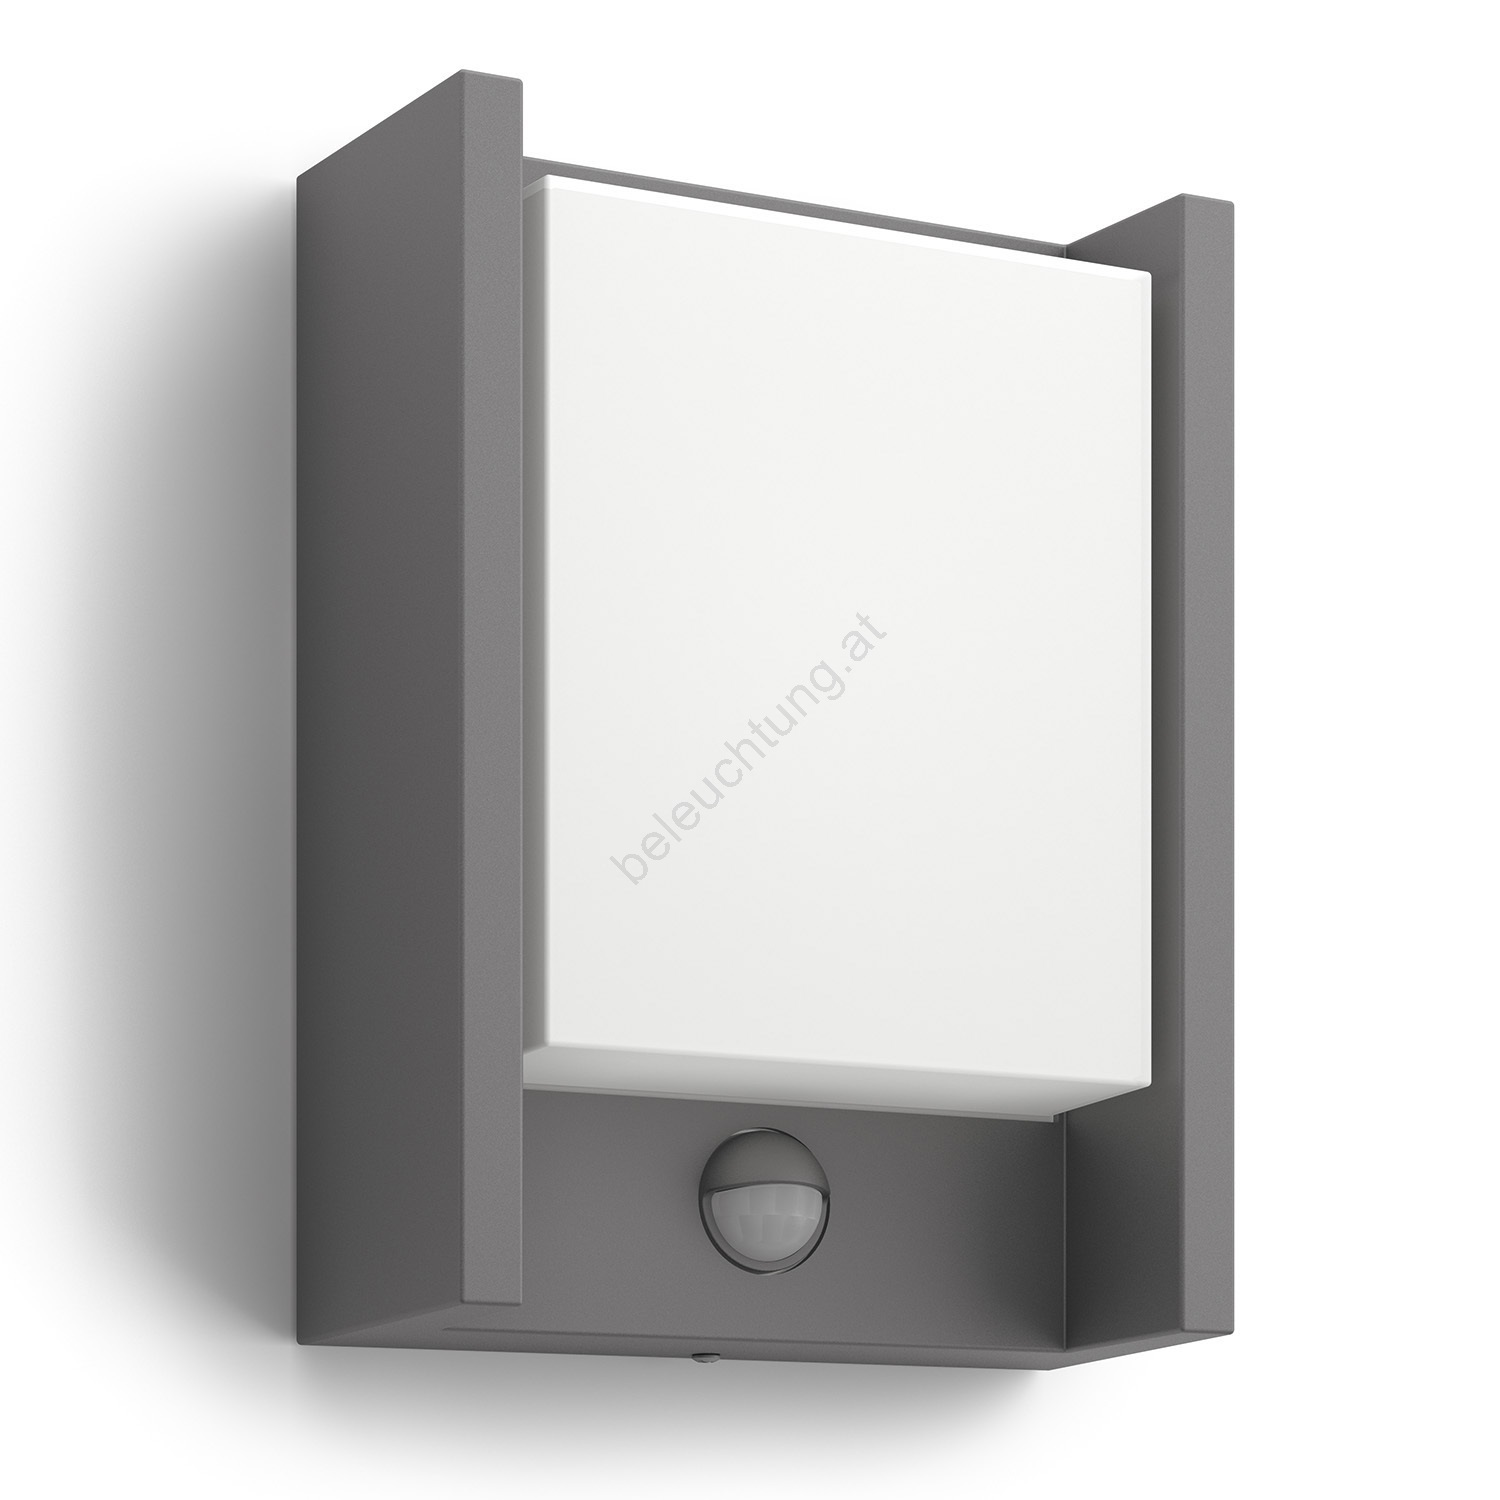 philips 16461 93 p3 led au enleuchte mit sensor mygarden arbour 1xled 6w 230v beleuchtung. Black Bedroom Furniture Sets. Home Design Ideas